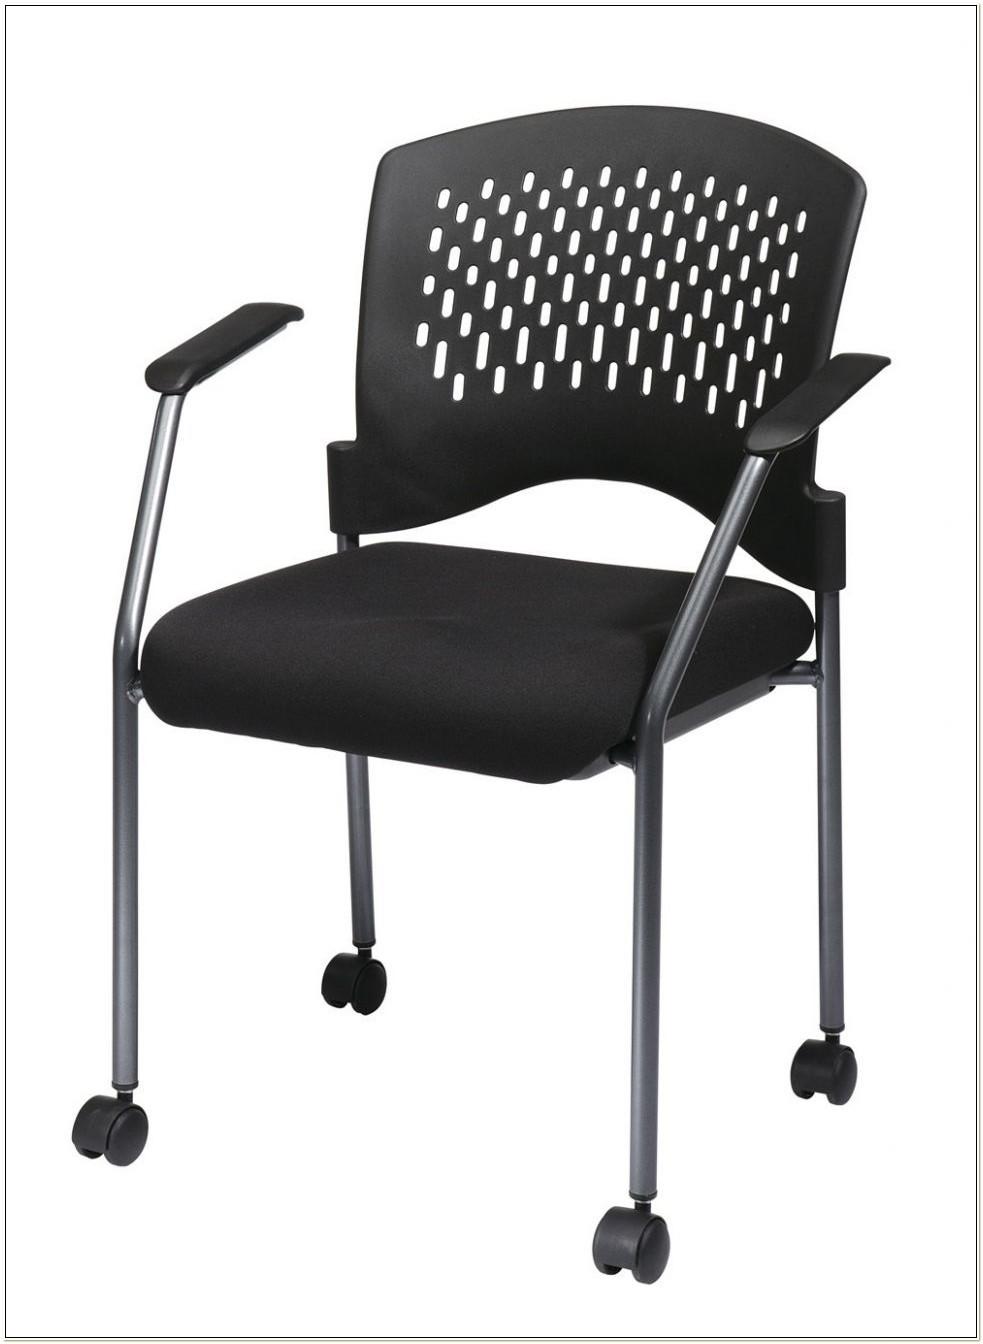 Sams Office Chair Mats